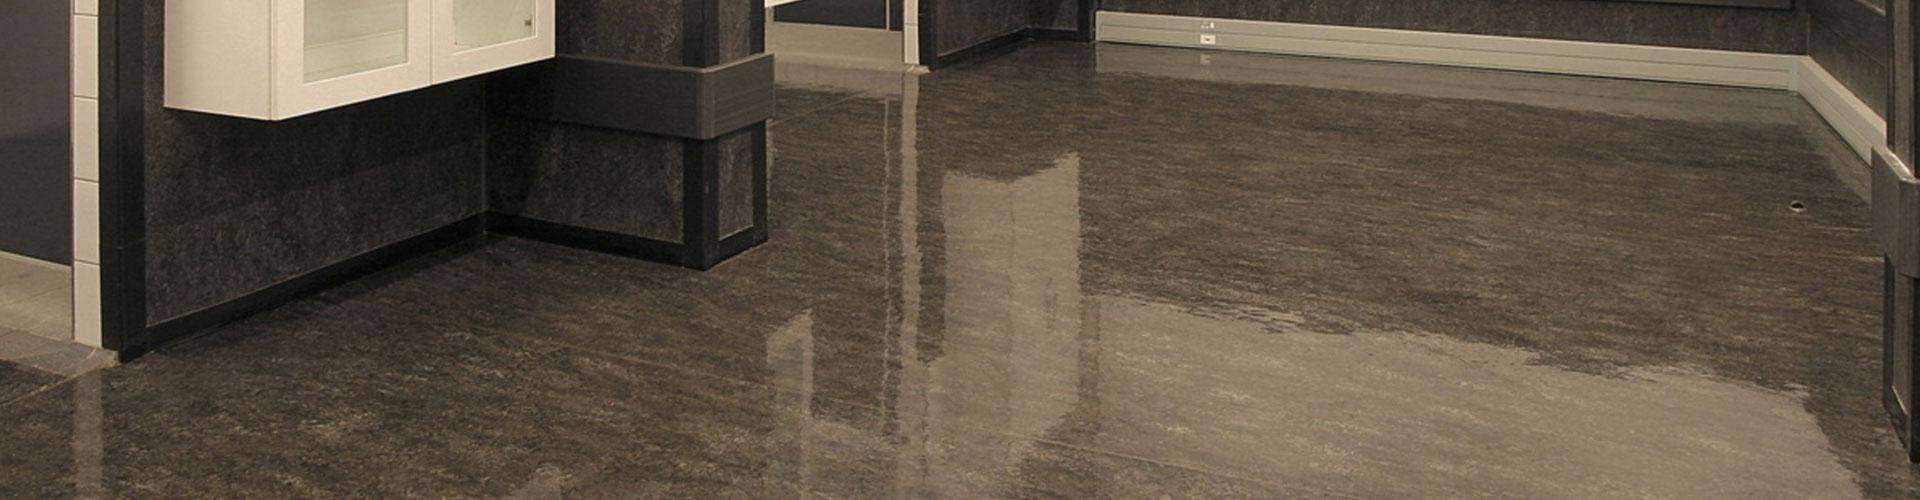 Linoleum flooring from Dream Carpets